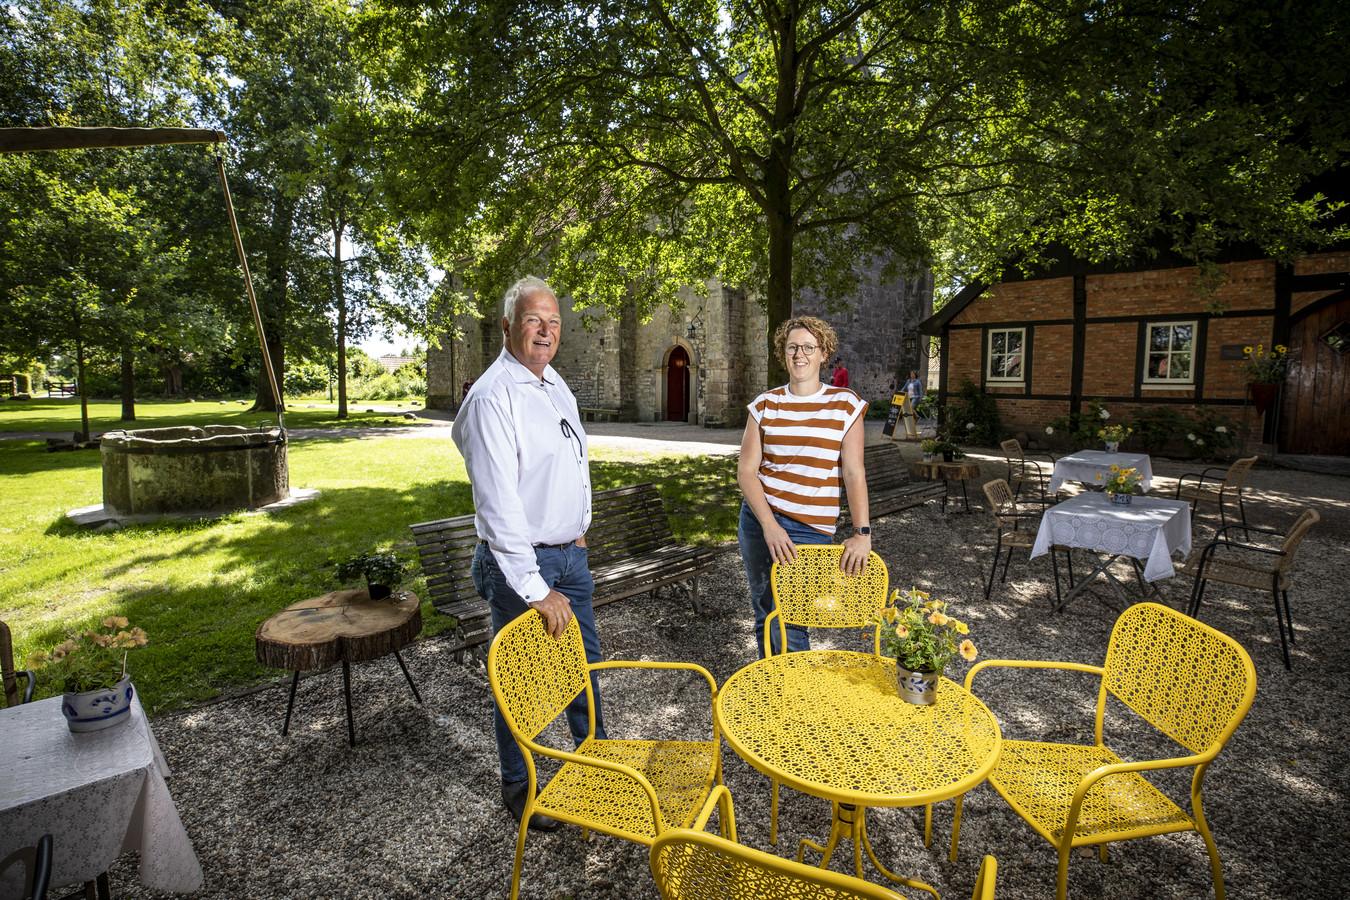 De kerkrentmeesters Anne Jonker en Ineke Leeuw op het terras van de Stiftsjuffer.